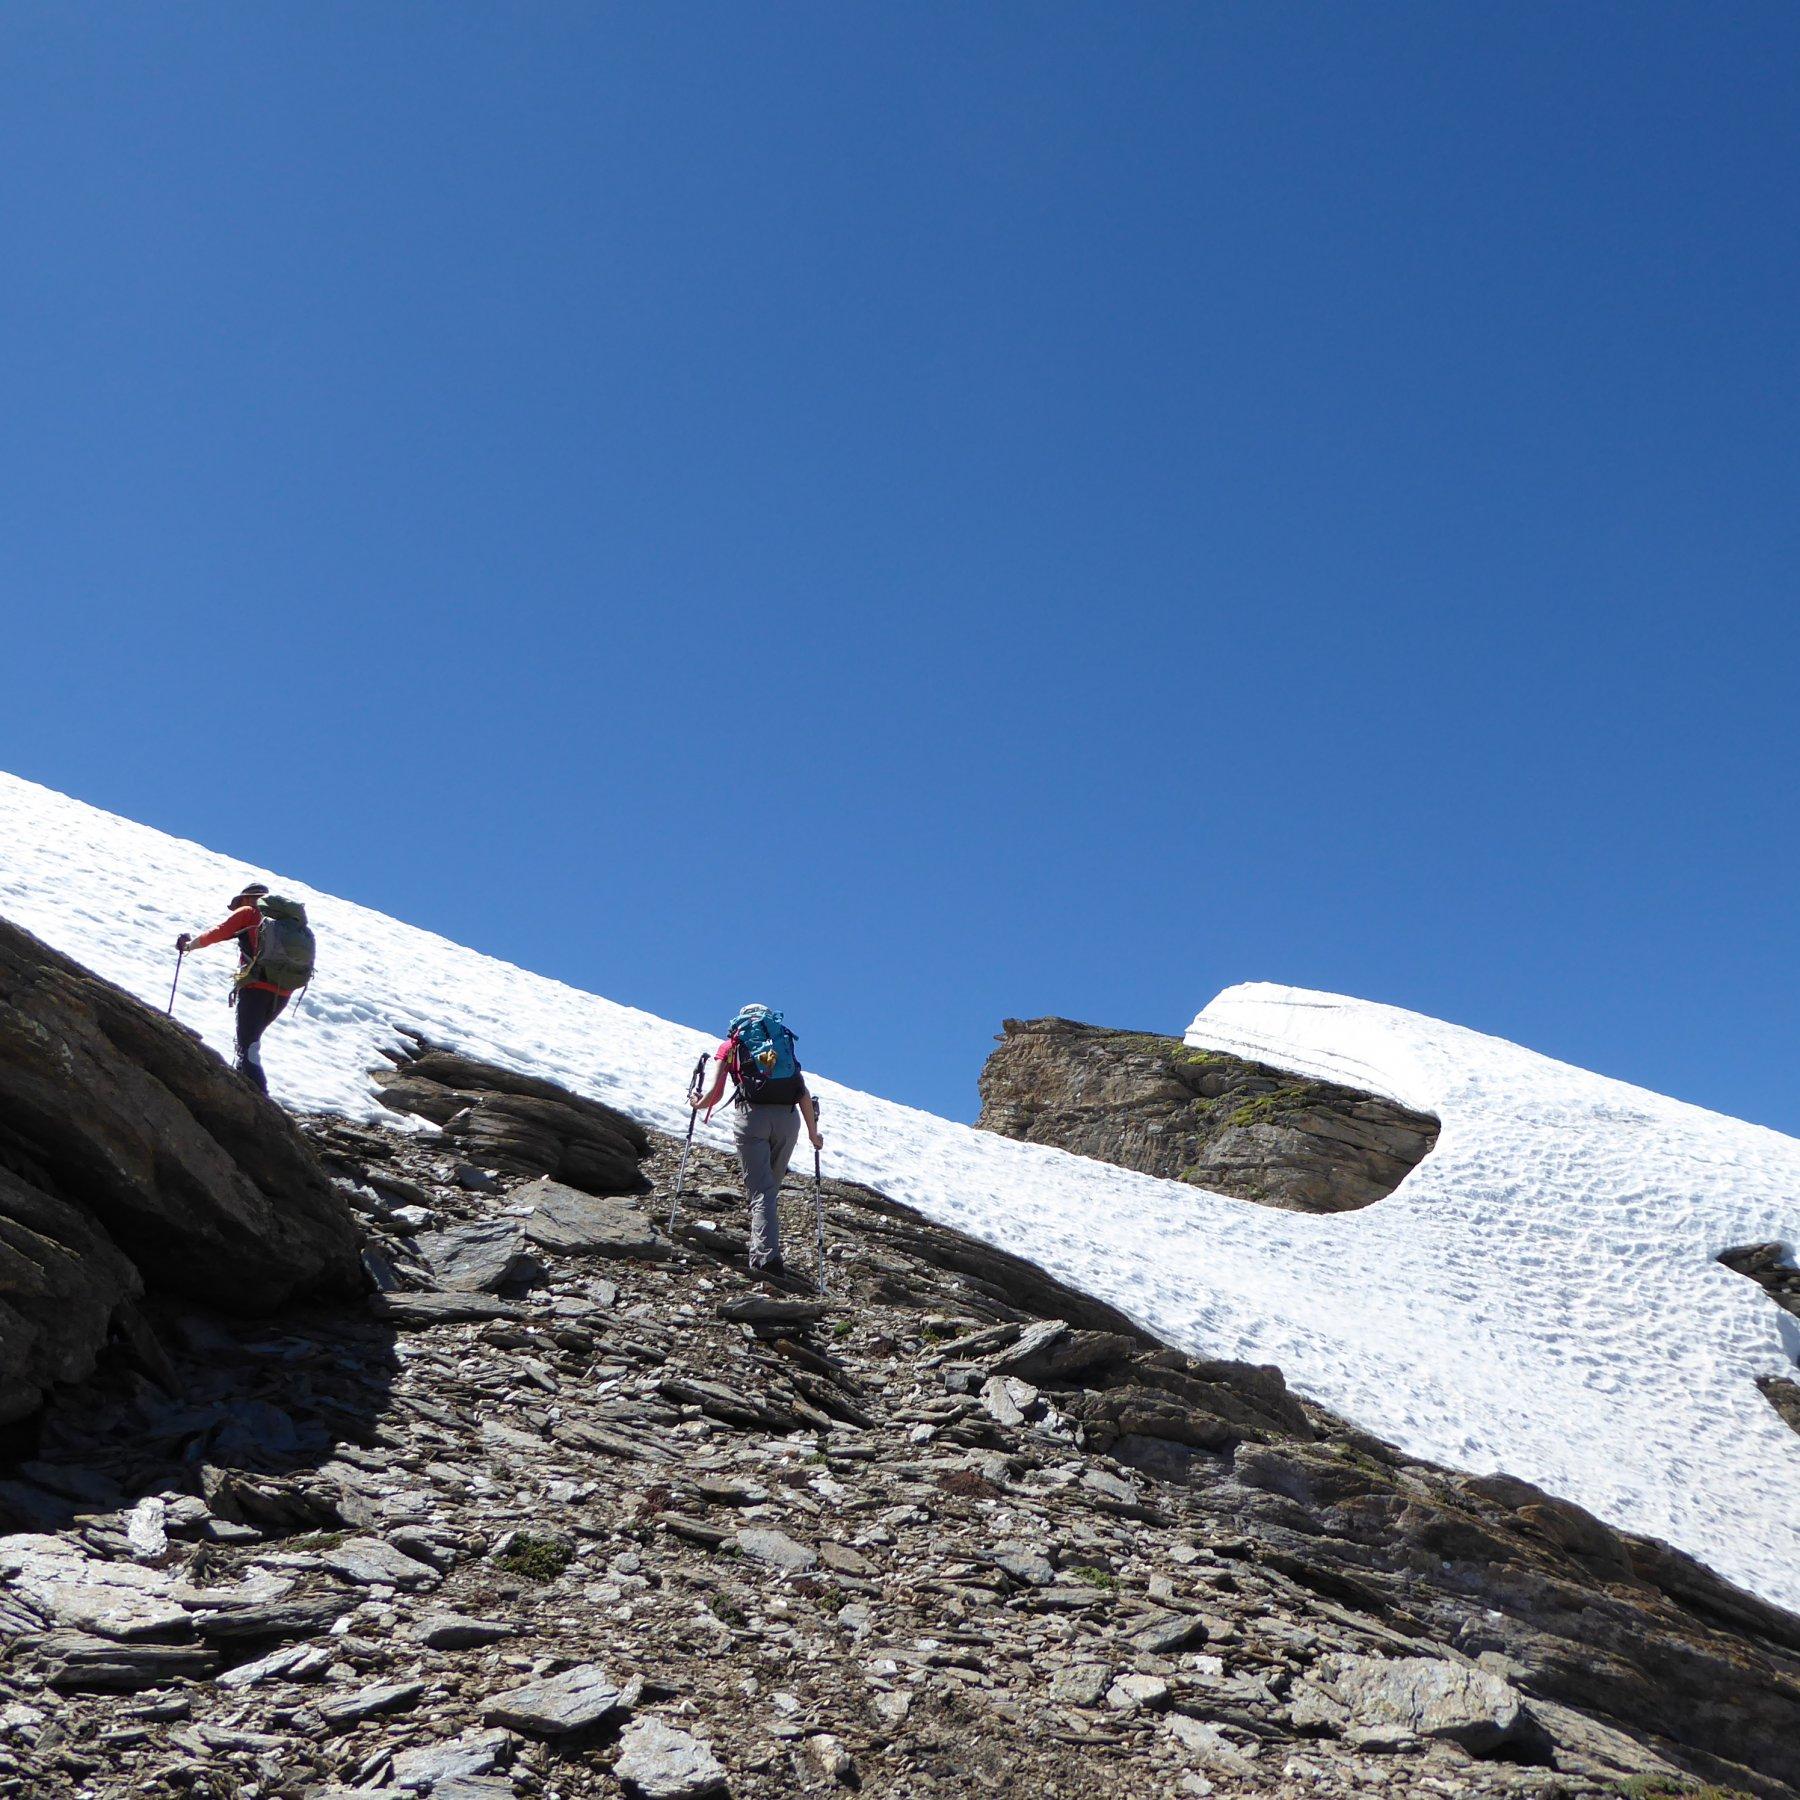 ultimi metri verso la cima: tenersi a sinistra